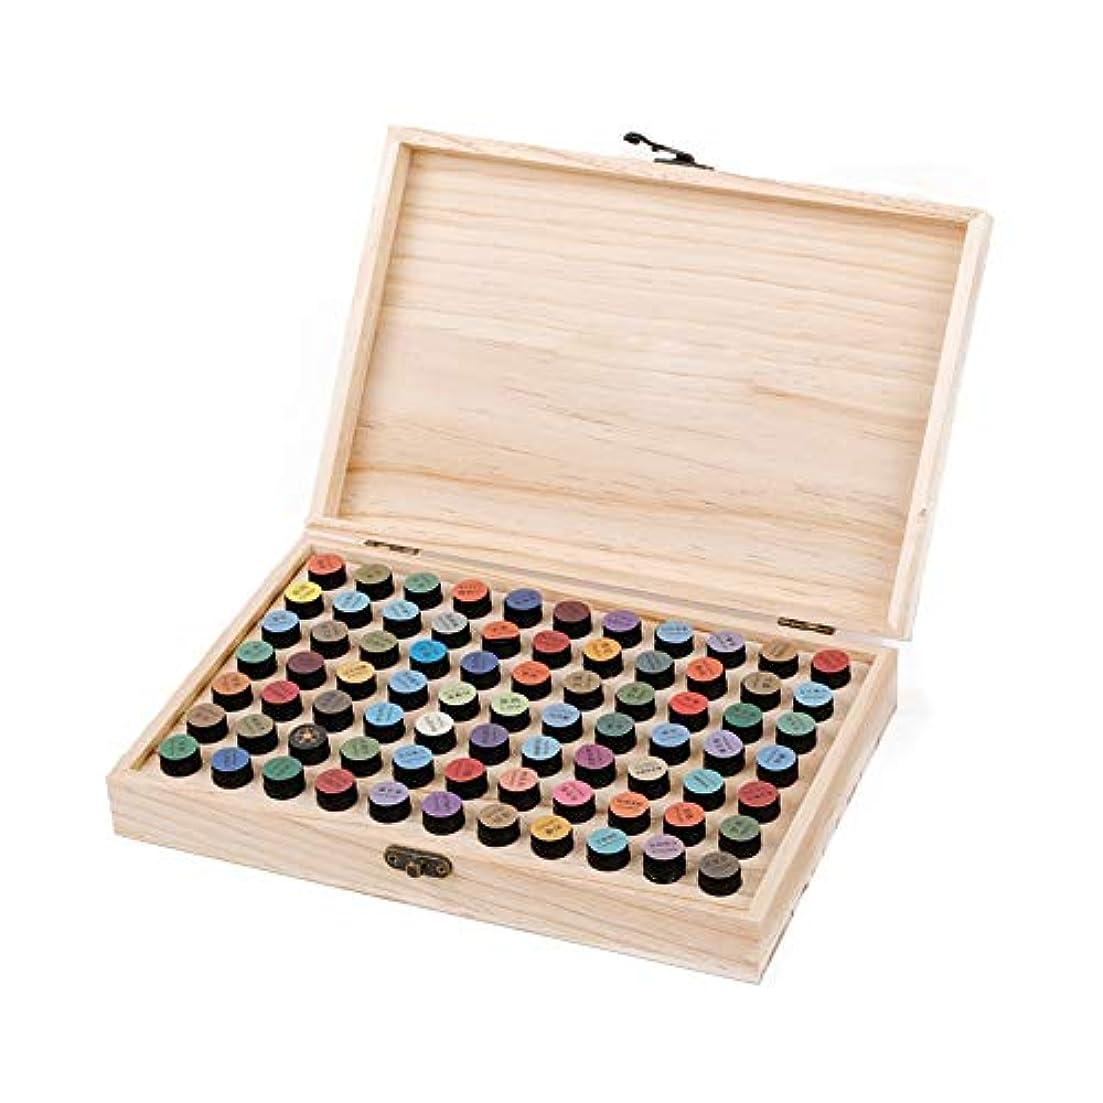 買収カテナできればエッセンシャルオイル収納ボックス 2ミリリットルのエッセンシャルオイル木製収納ボックスあなたの貴重なエッセンシャルオイルを格納するのに適した77個のスロット 丈夫で持ち運びが簡単 (色 : Natural, サイズ :...